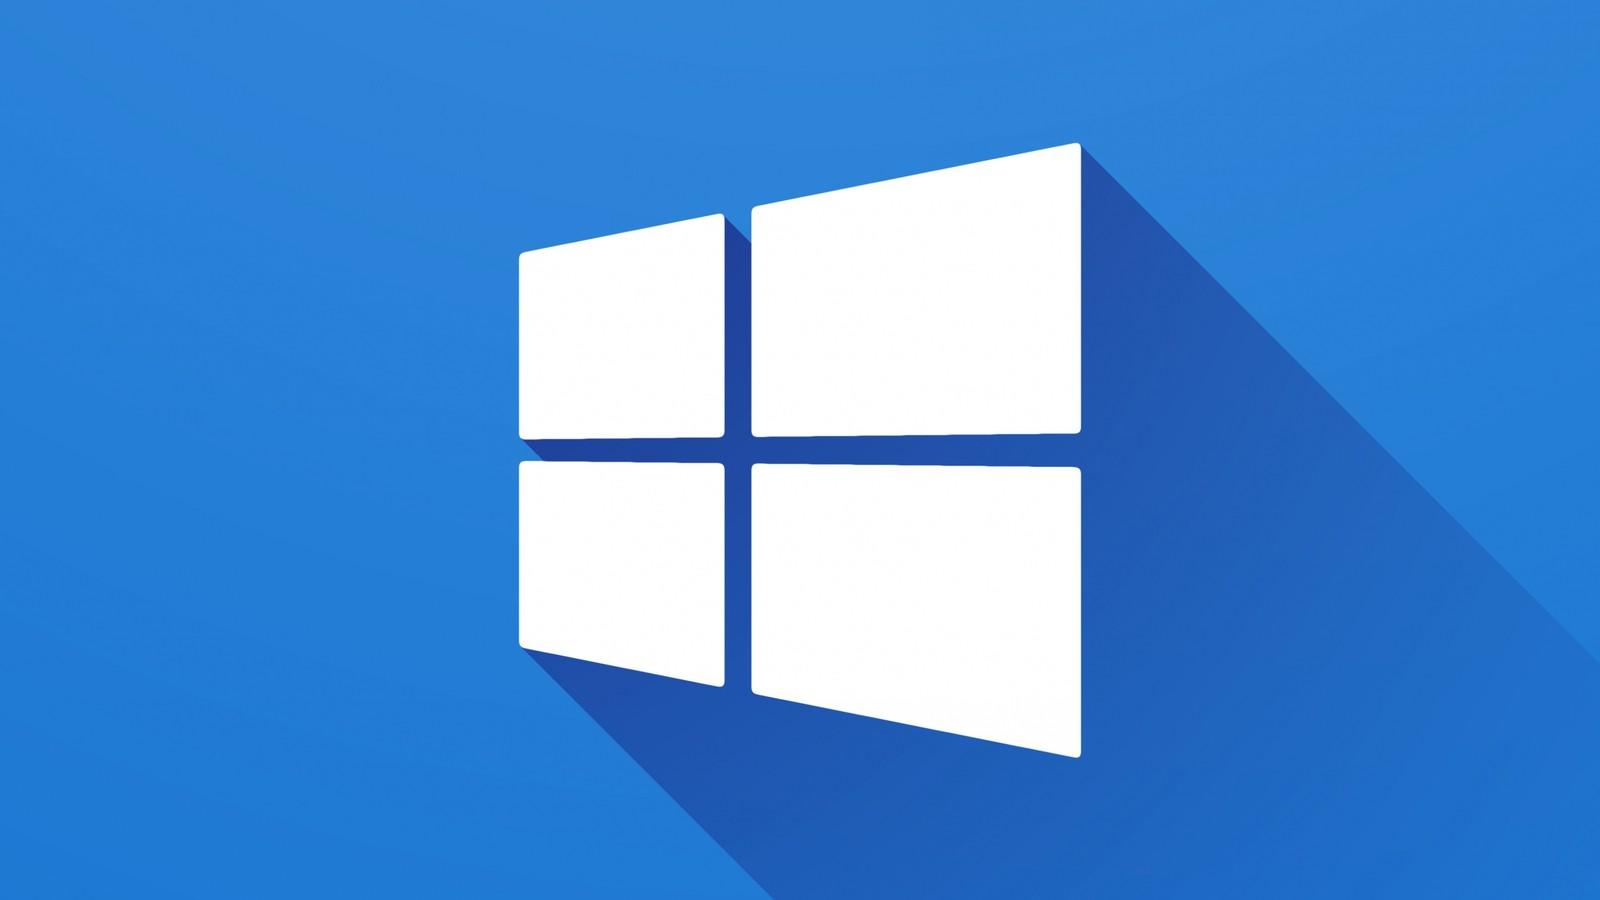 Velká akce: Windows 10 jen za 8,36 EUR [sponzorovaný článek]